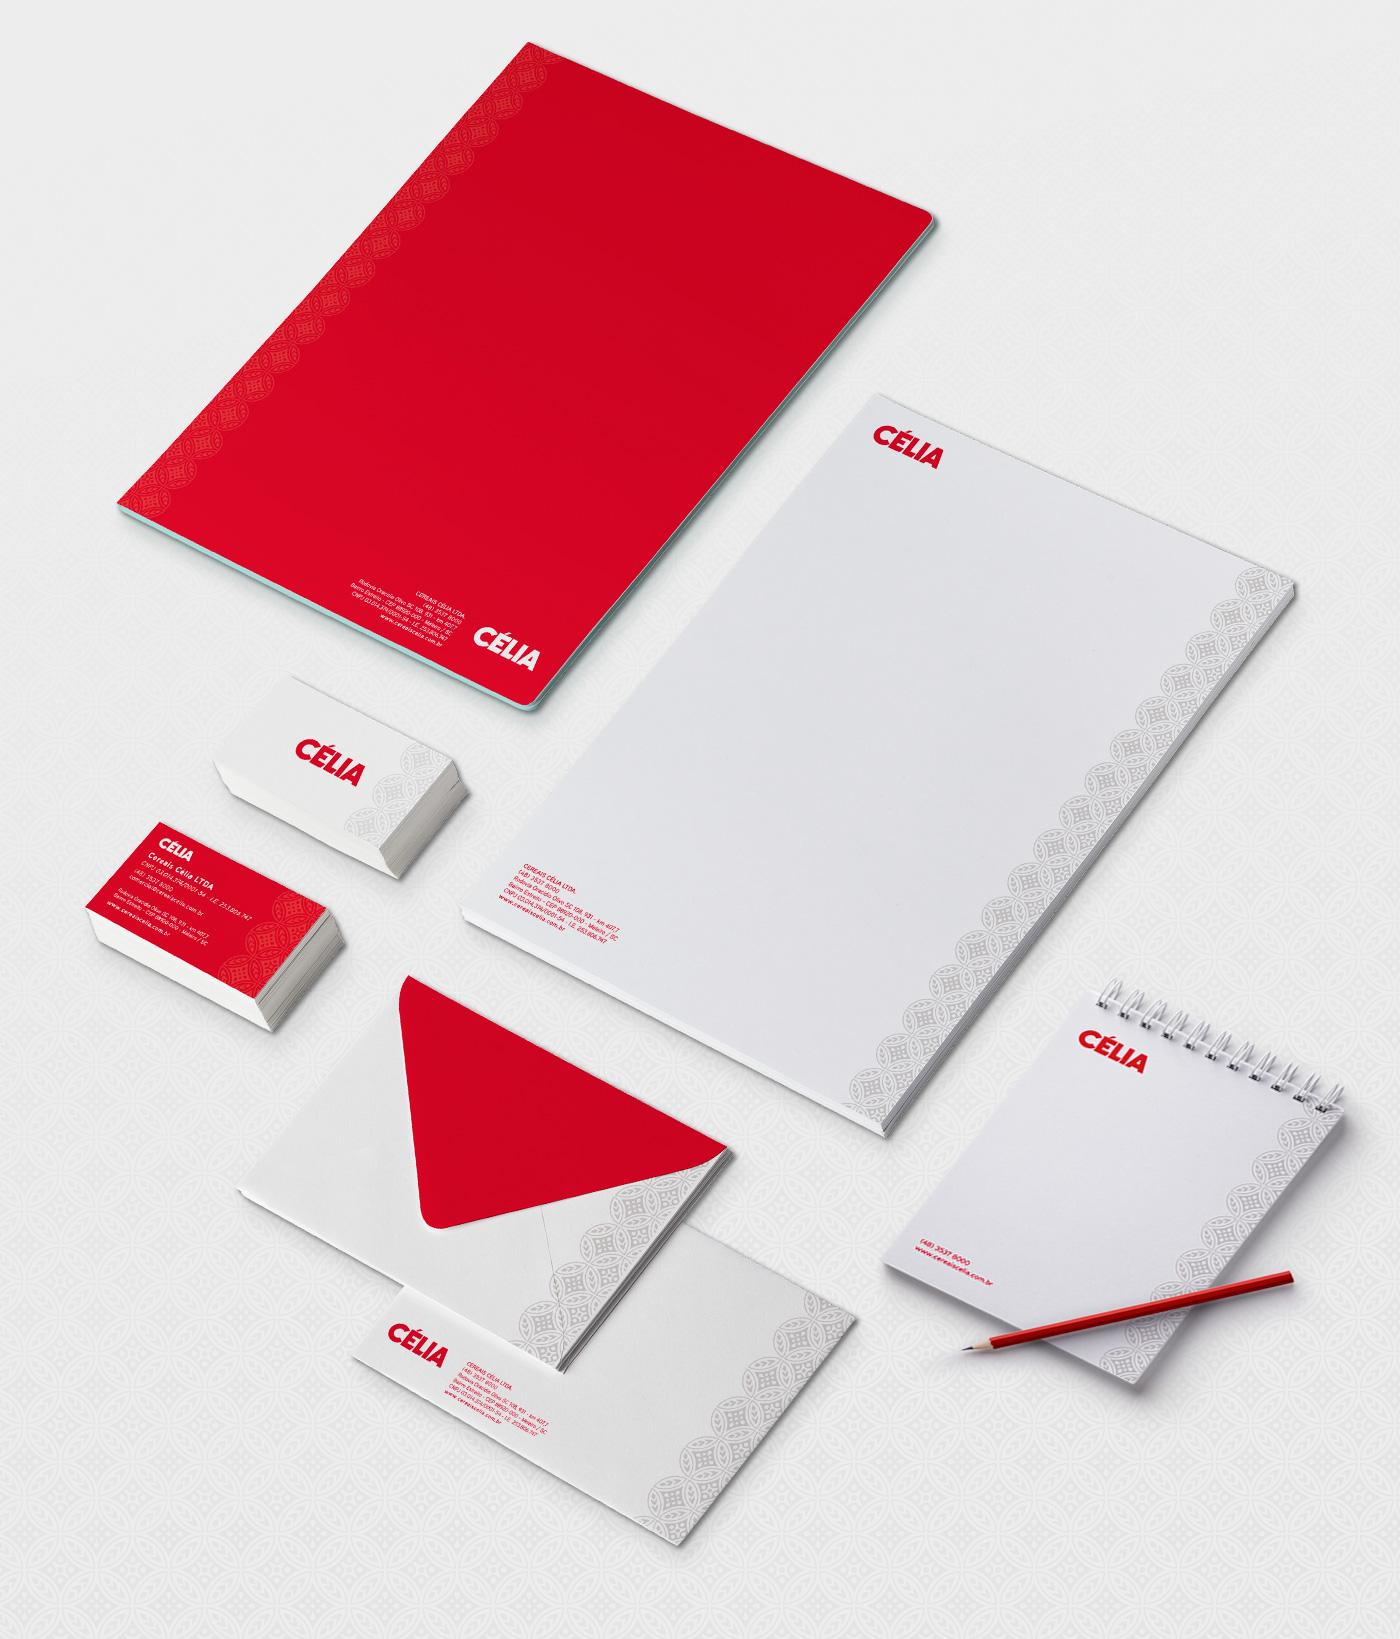 design de aplicações da marca